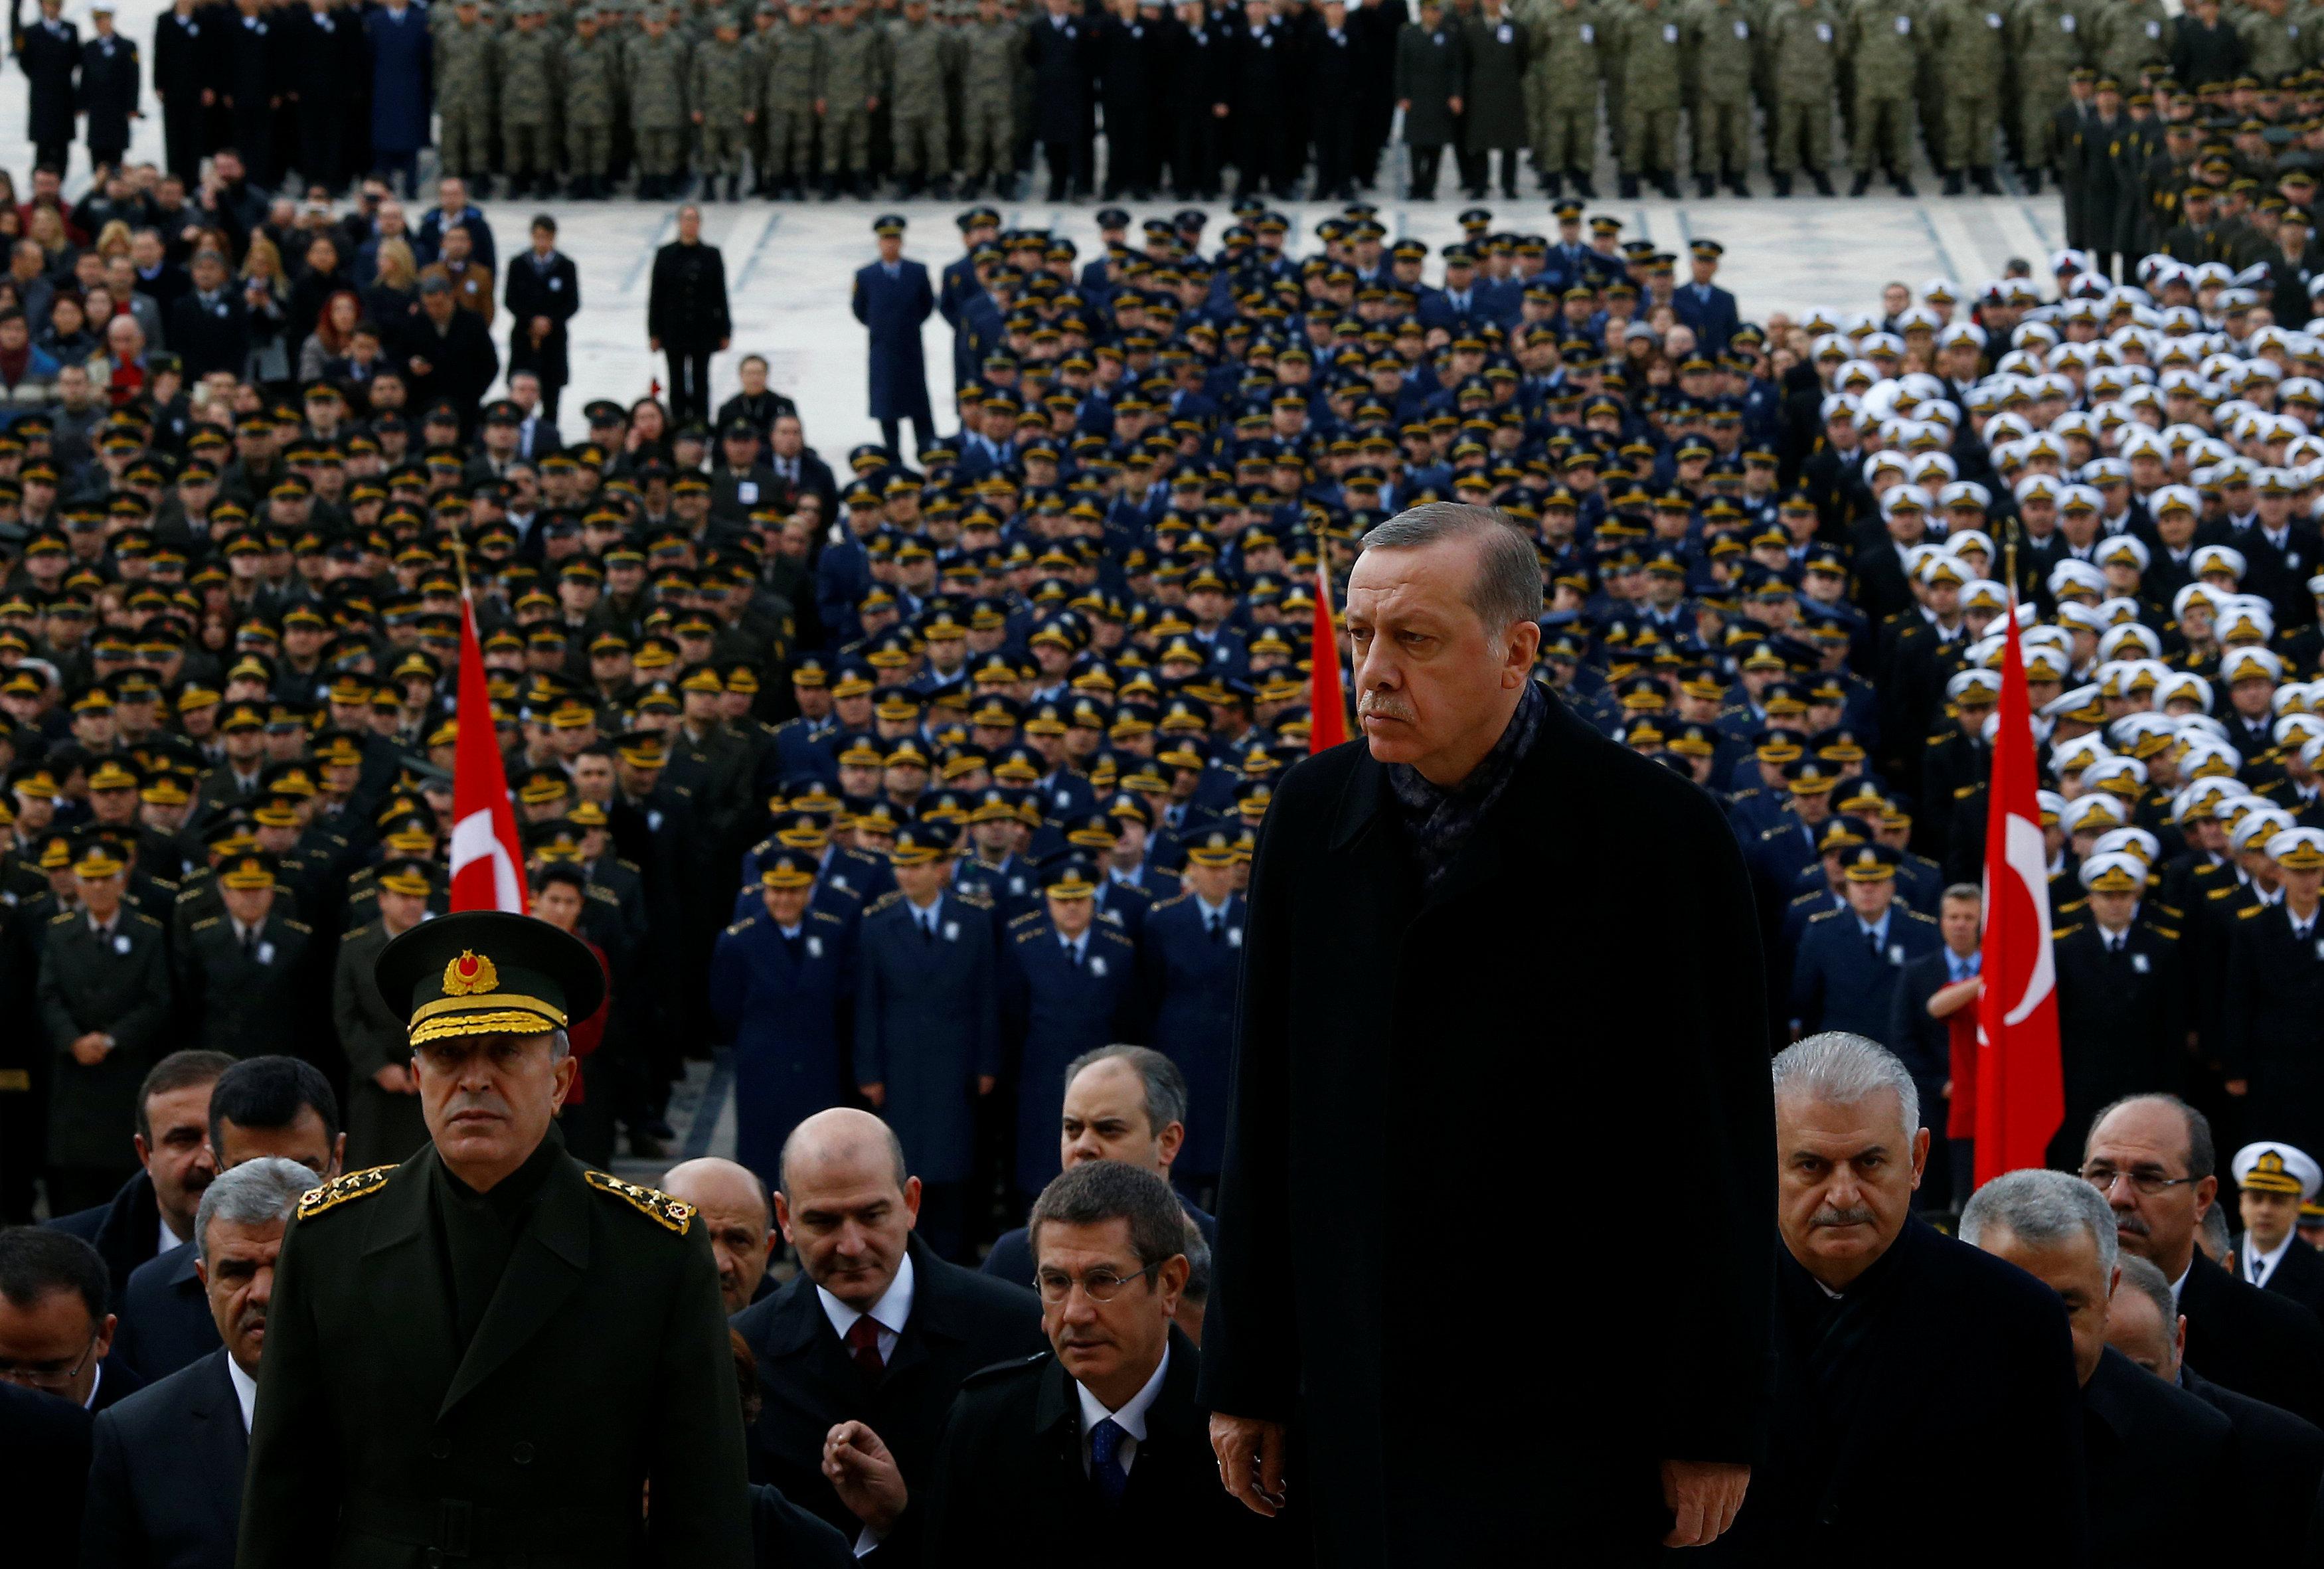 Реджеп Эрдоган заявил, что армия Турции вошла на территорию Сирии, чтобы «положить конец правлению жестокого тирана».